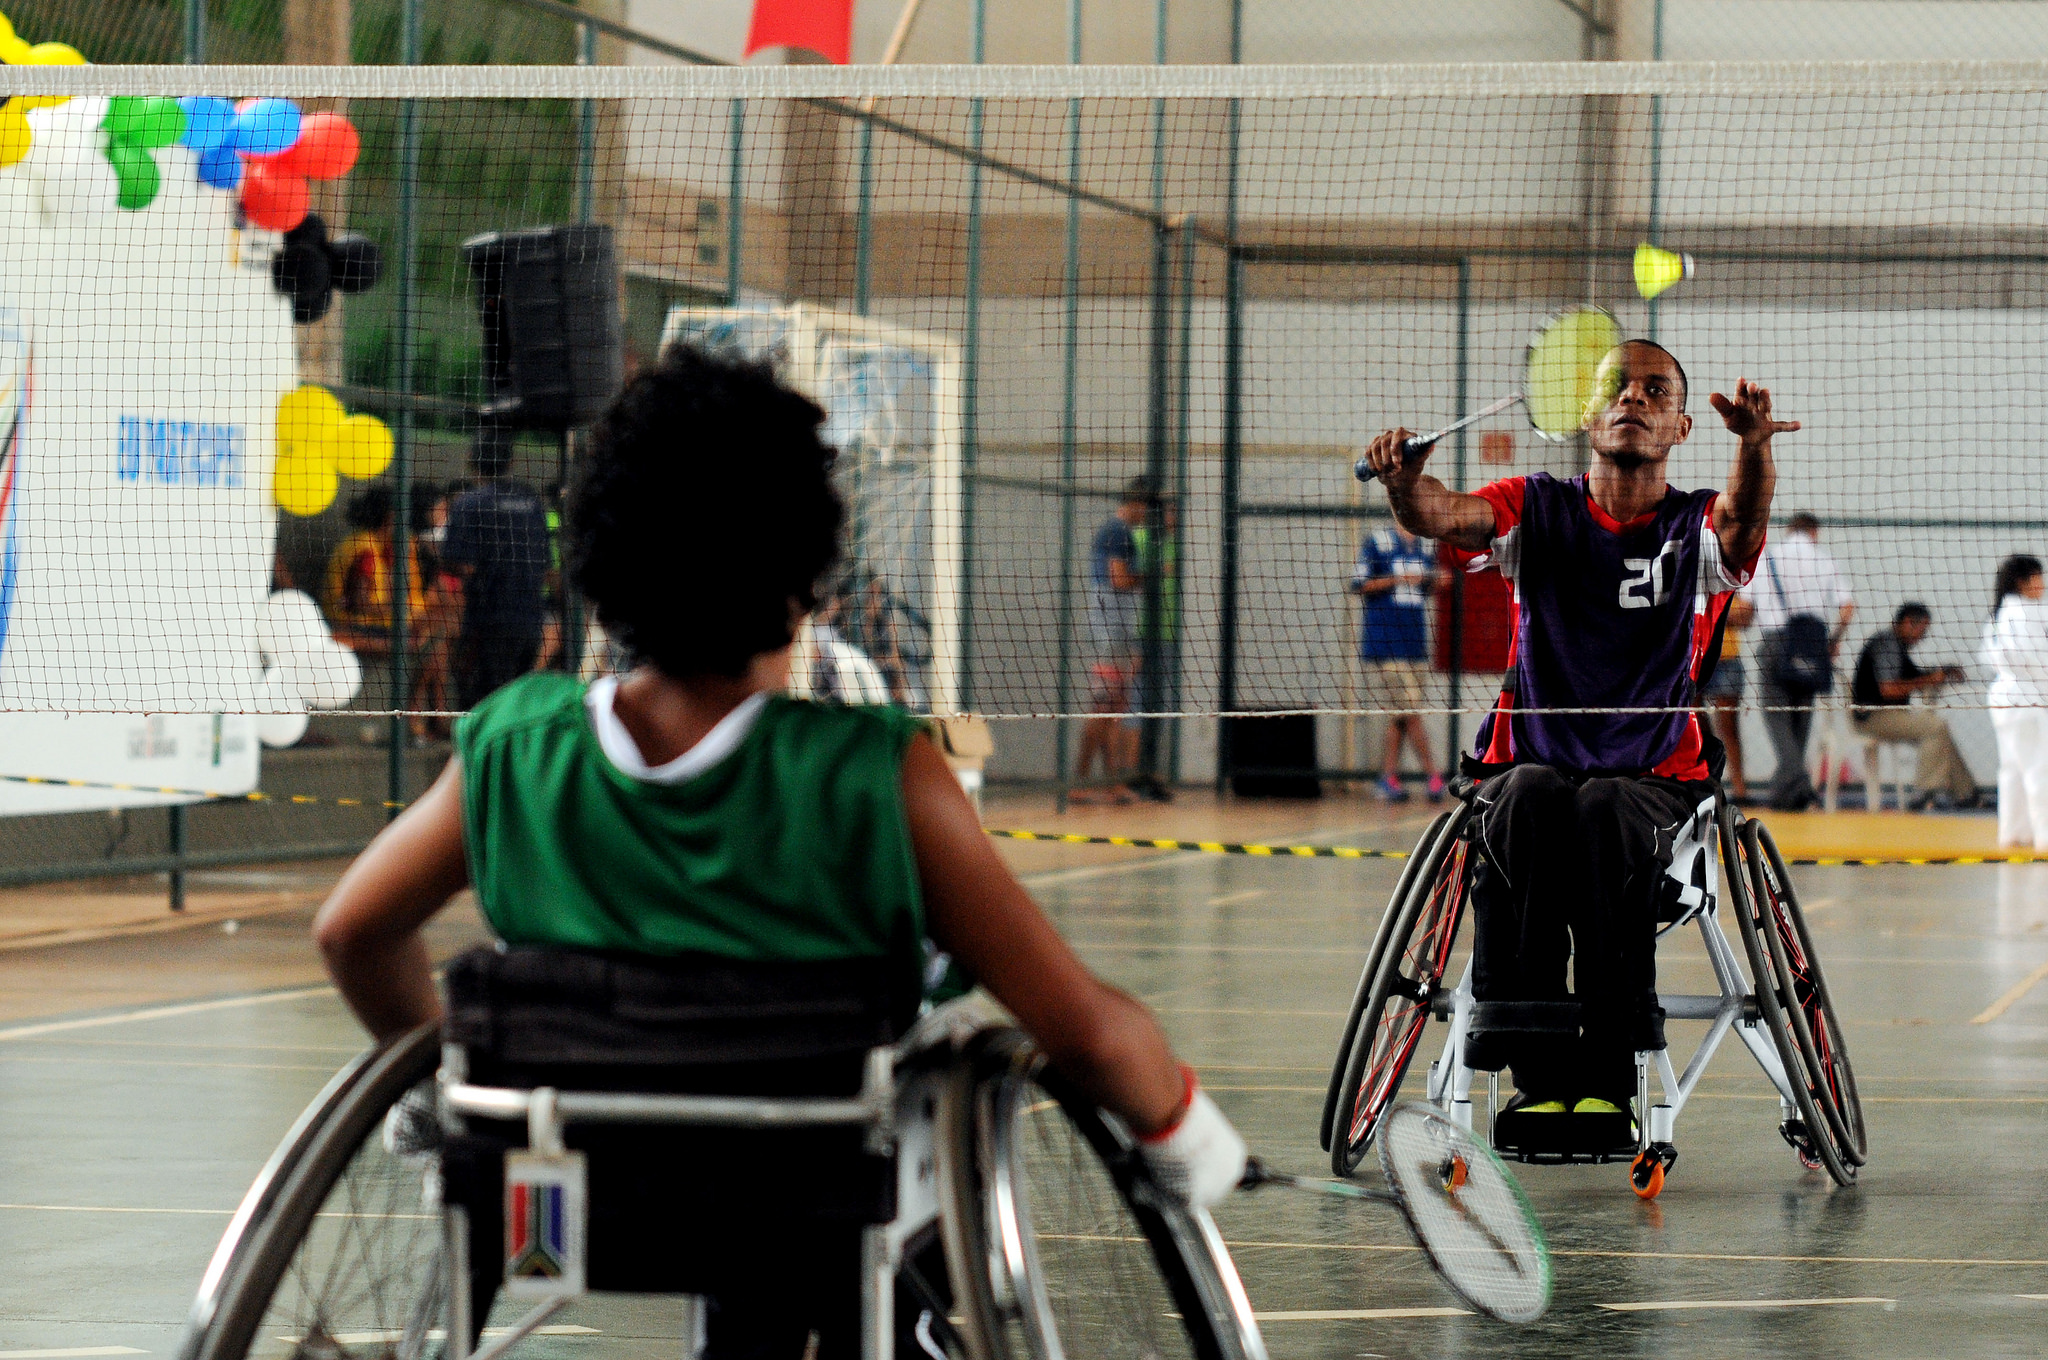 Realizados em 2015, 2016 e 2017, os Jogos Abertos de Brasília, com o objetivo de identificar novos talentos e incentivas a comunidade a participar de atividades esportivas.  <p>Foram ofertadas, em 2017, as seguintes modalidades, nas categorias masculino e feminino, para pessoas com deficiência:  <ul>     <li>Atletismo, com 15 participantes</li>     <li>Natação, com 18 participantes</li>     <li>Tênis de mesa, com seis participantes</li>